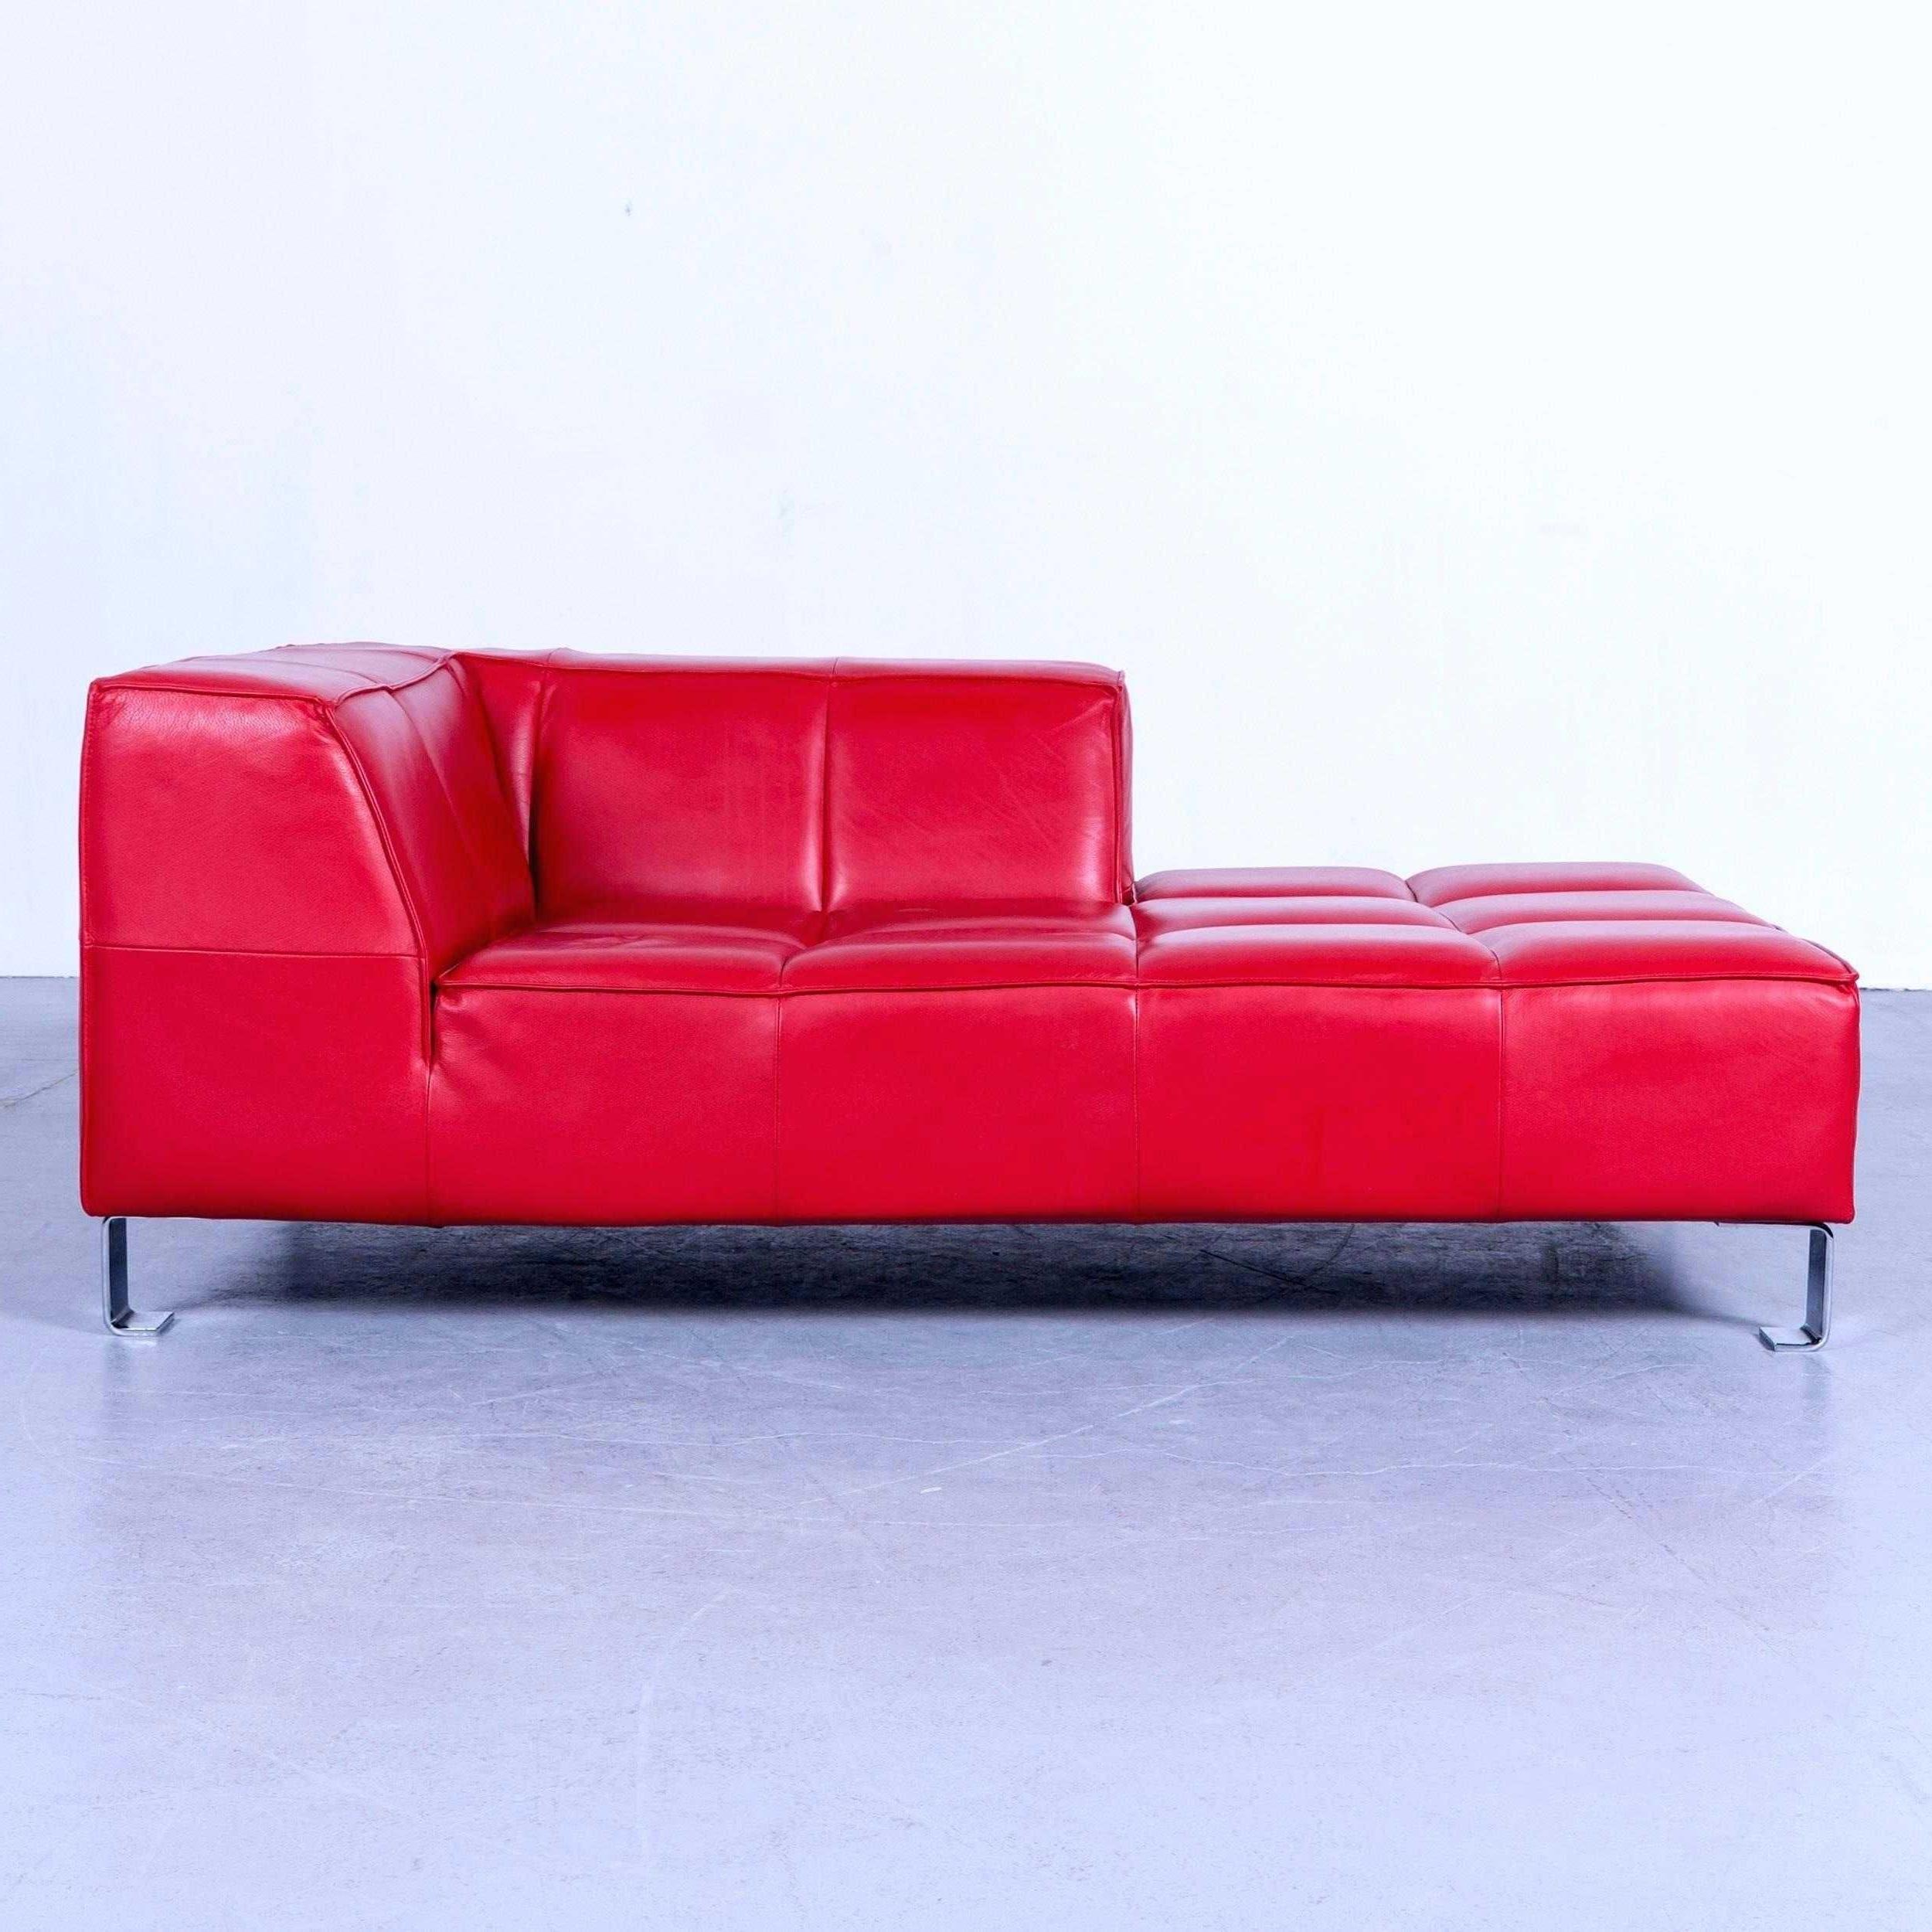 Sofas Cheslong Conforama Zwdg sofas Cheslong Conforama Fresco Fotografia Imagen sofa Xxl 3 600